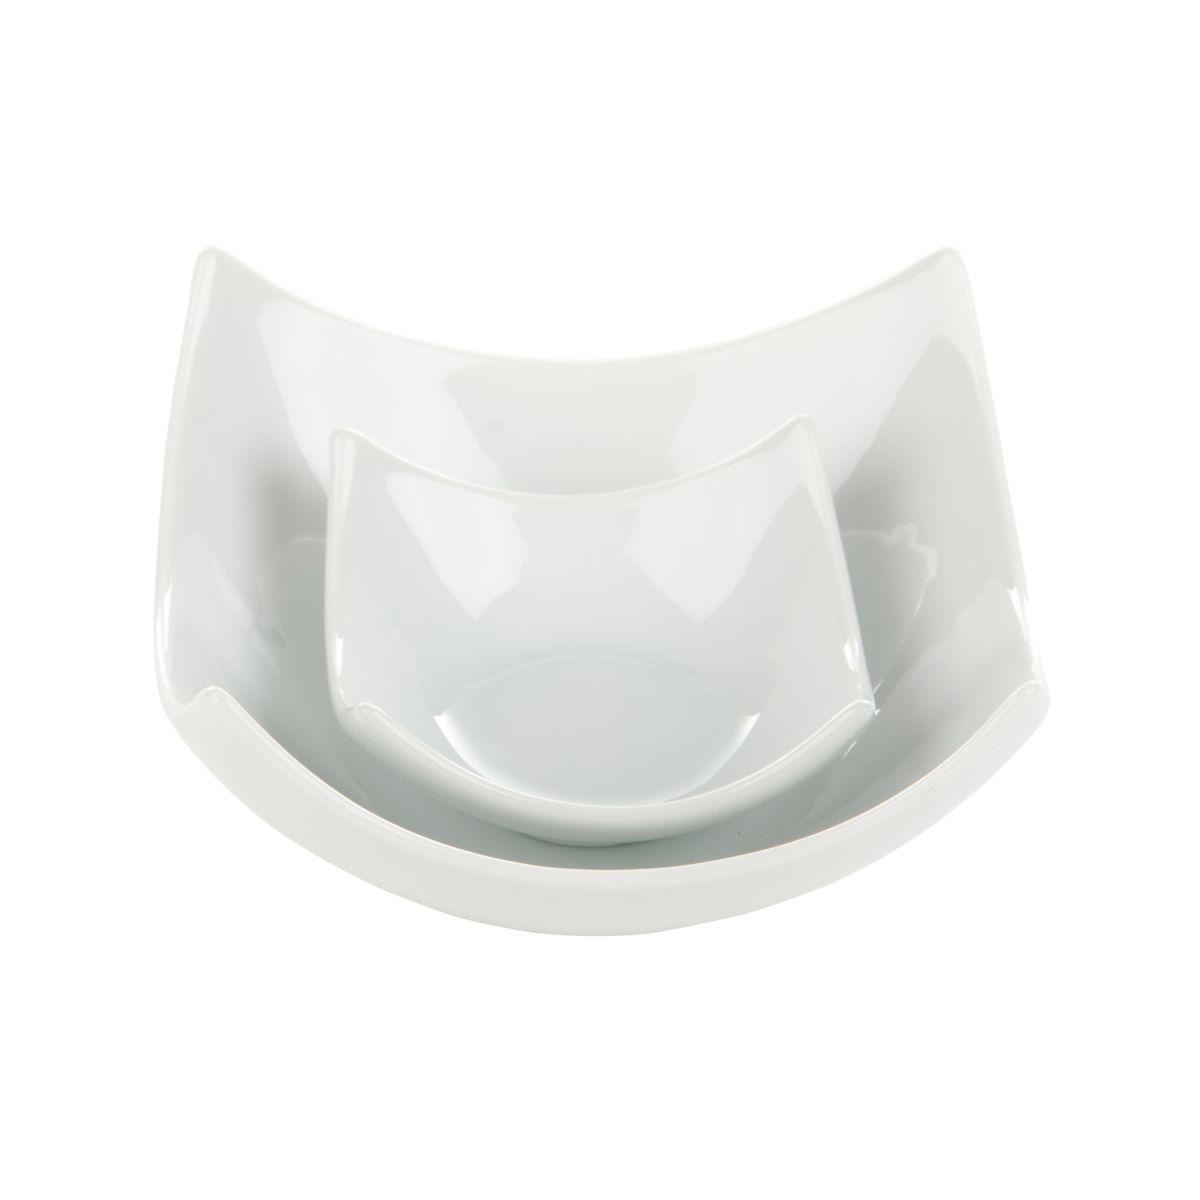 bowl square 12x12x6 cm box12